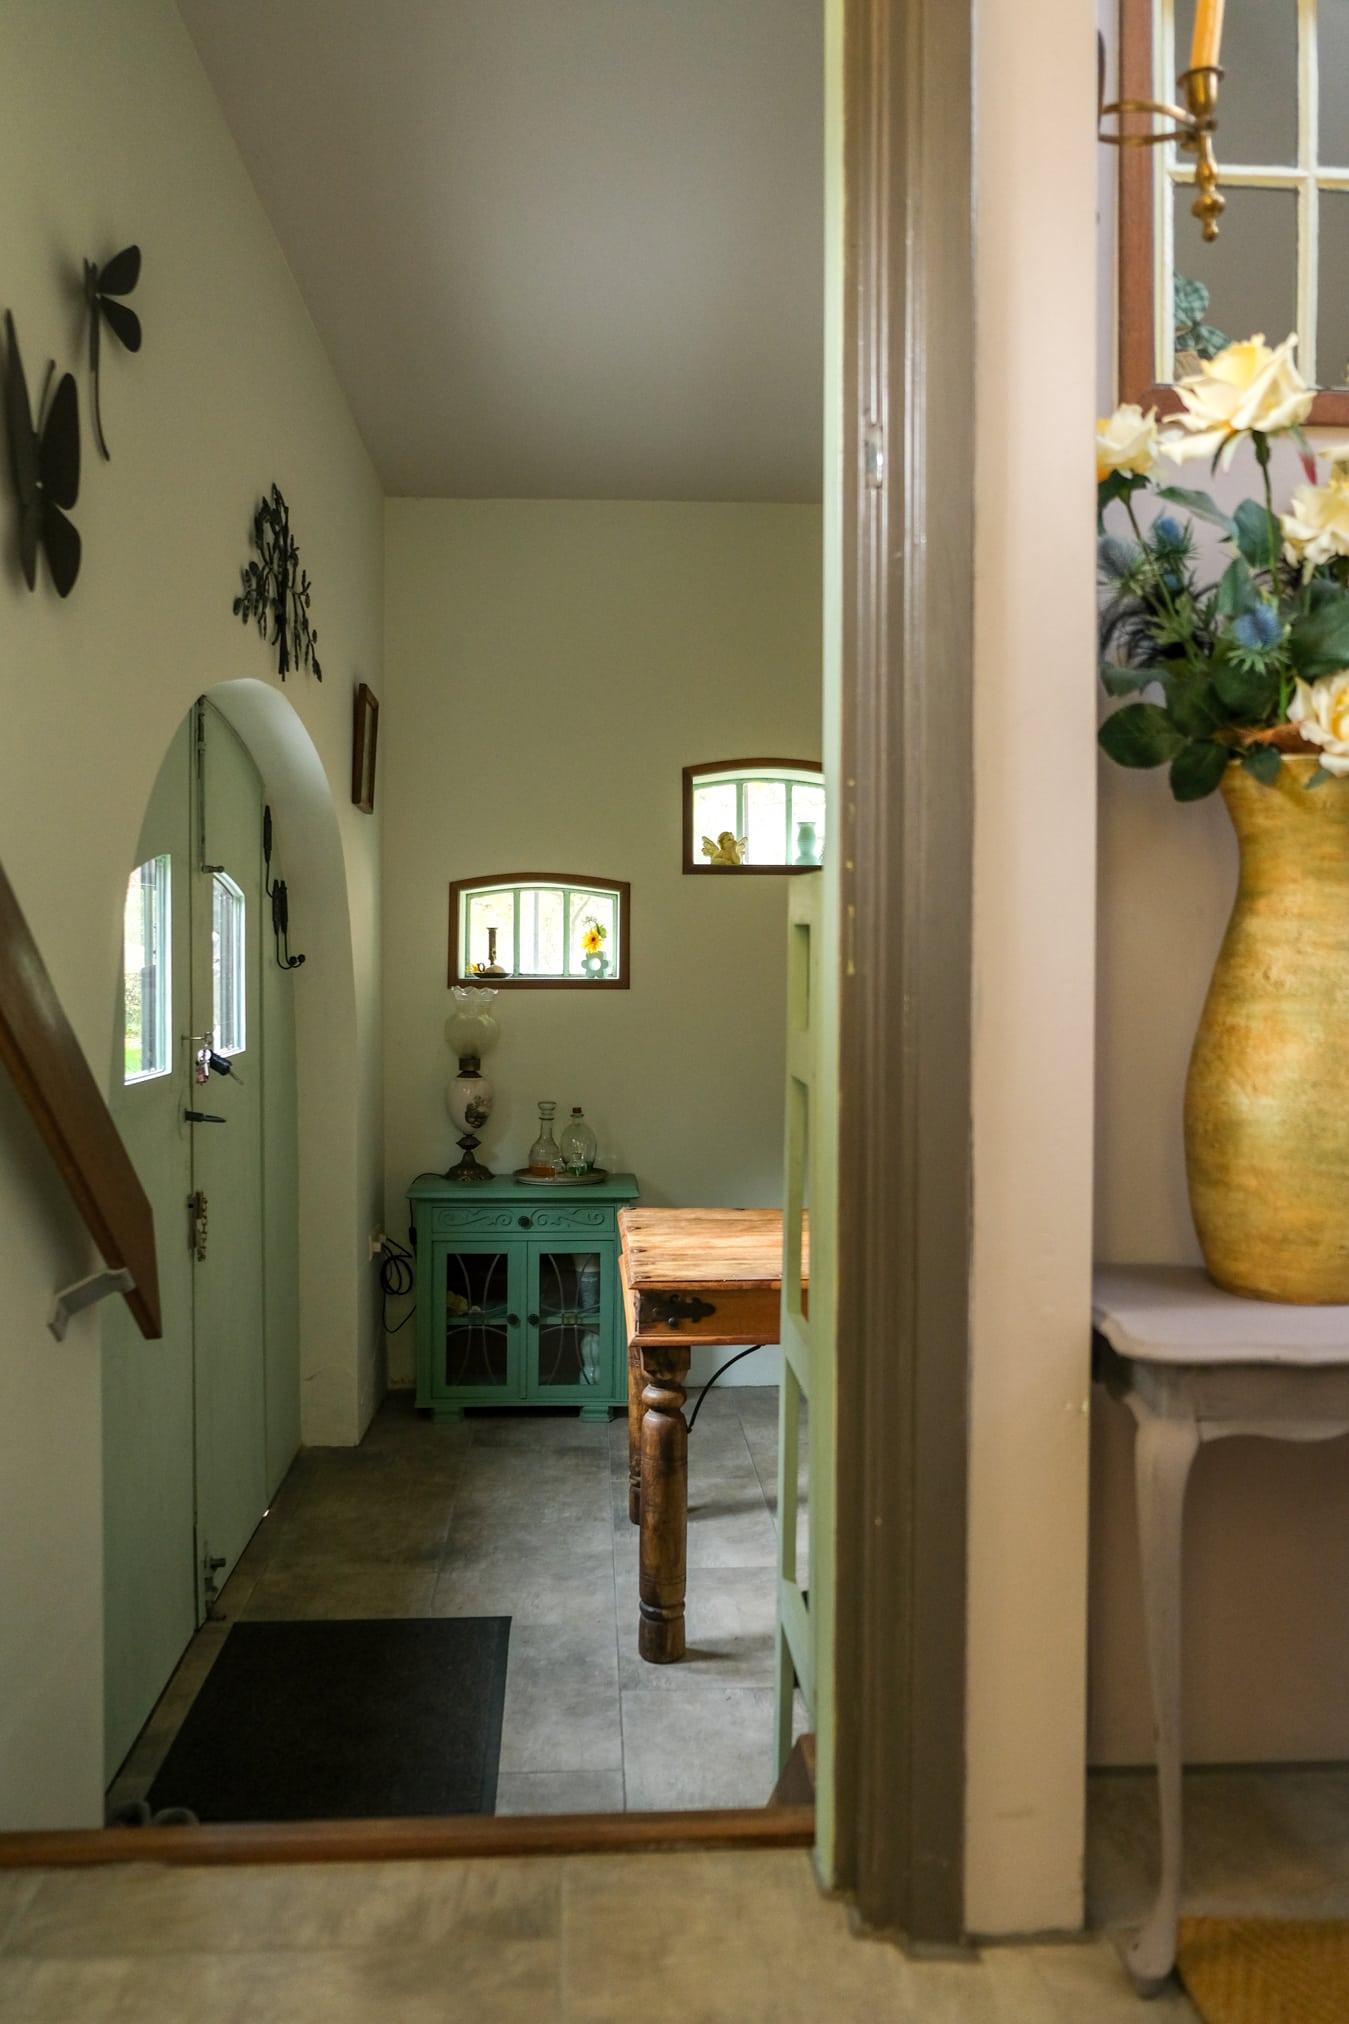 doorkijkje naar keuken accommodatie groningen